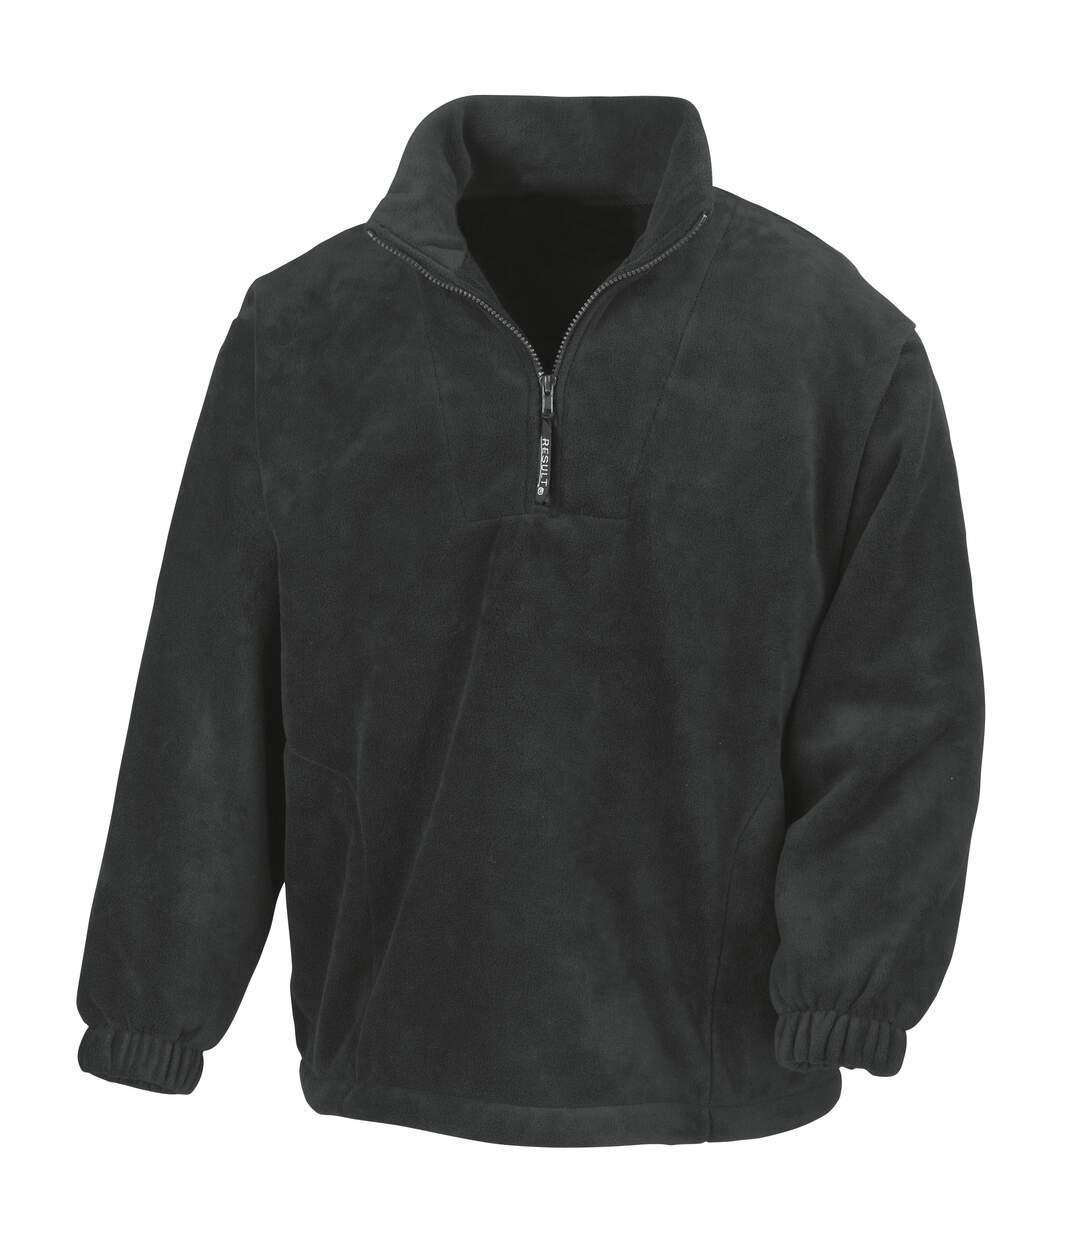 Result Unlined Active 1/4 Zip Anti-Pilling Fleece Top (Black) - UTBC920